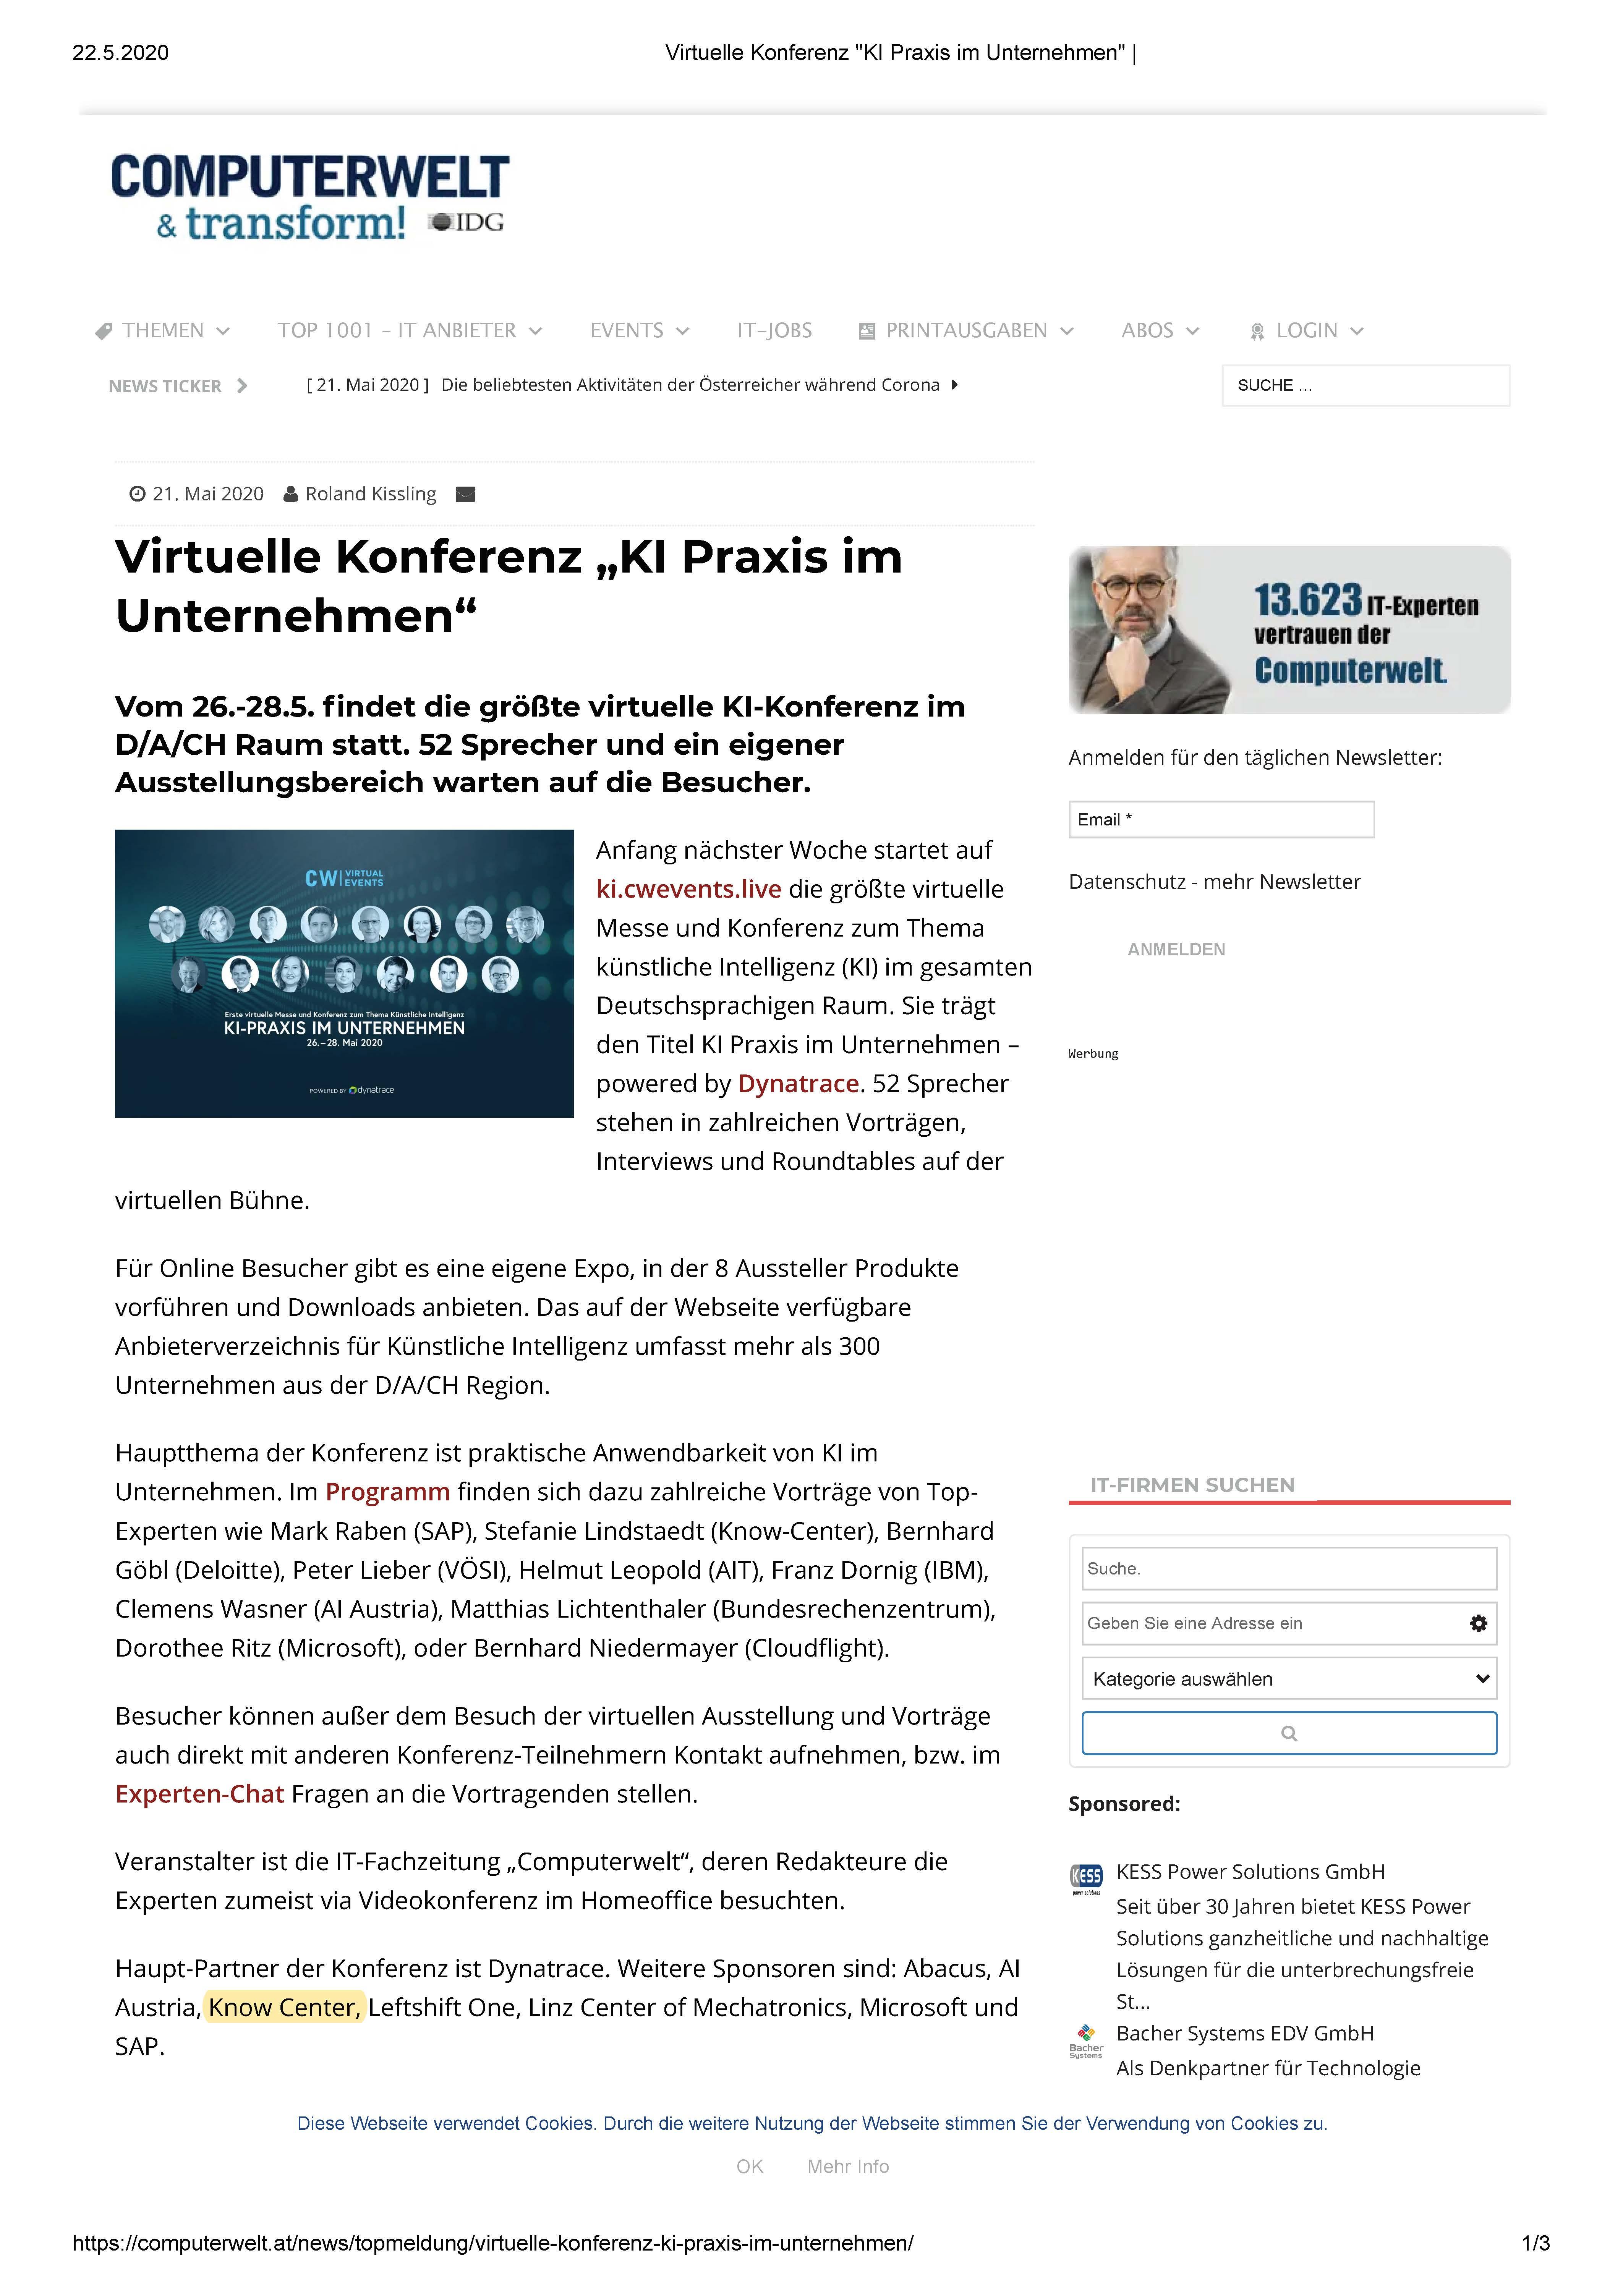 2020-05-21_Computerwelt_Virtuelle Konferenz _KI Praxis im Unternehmen